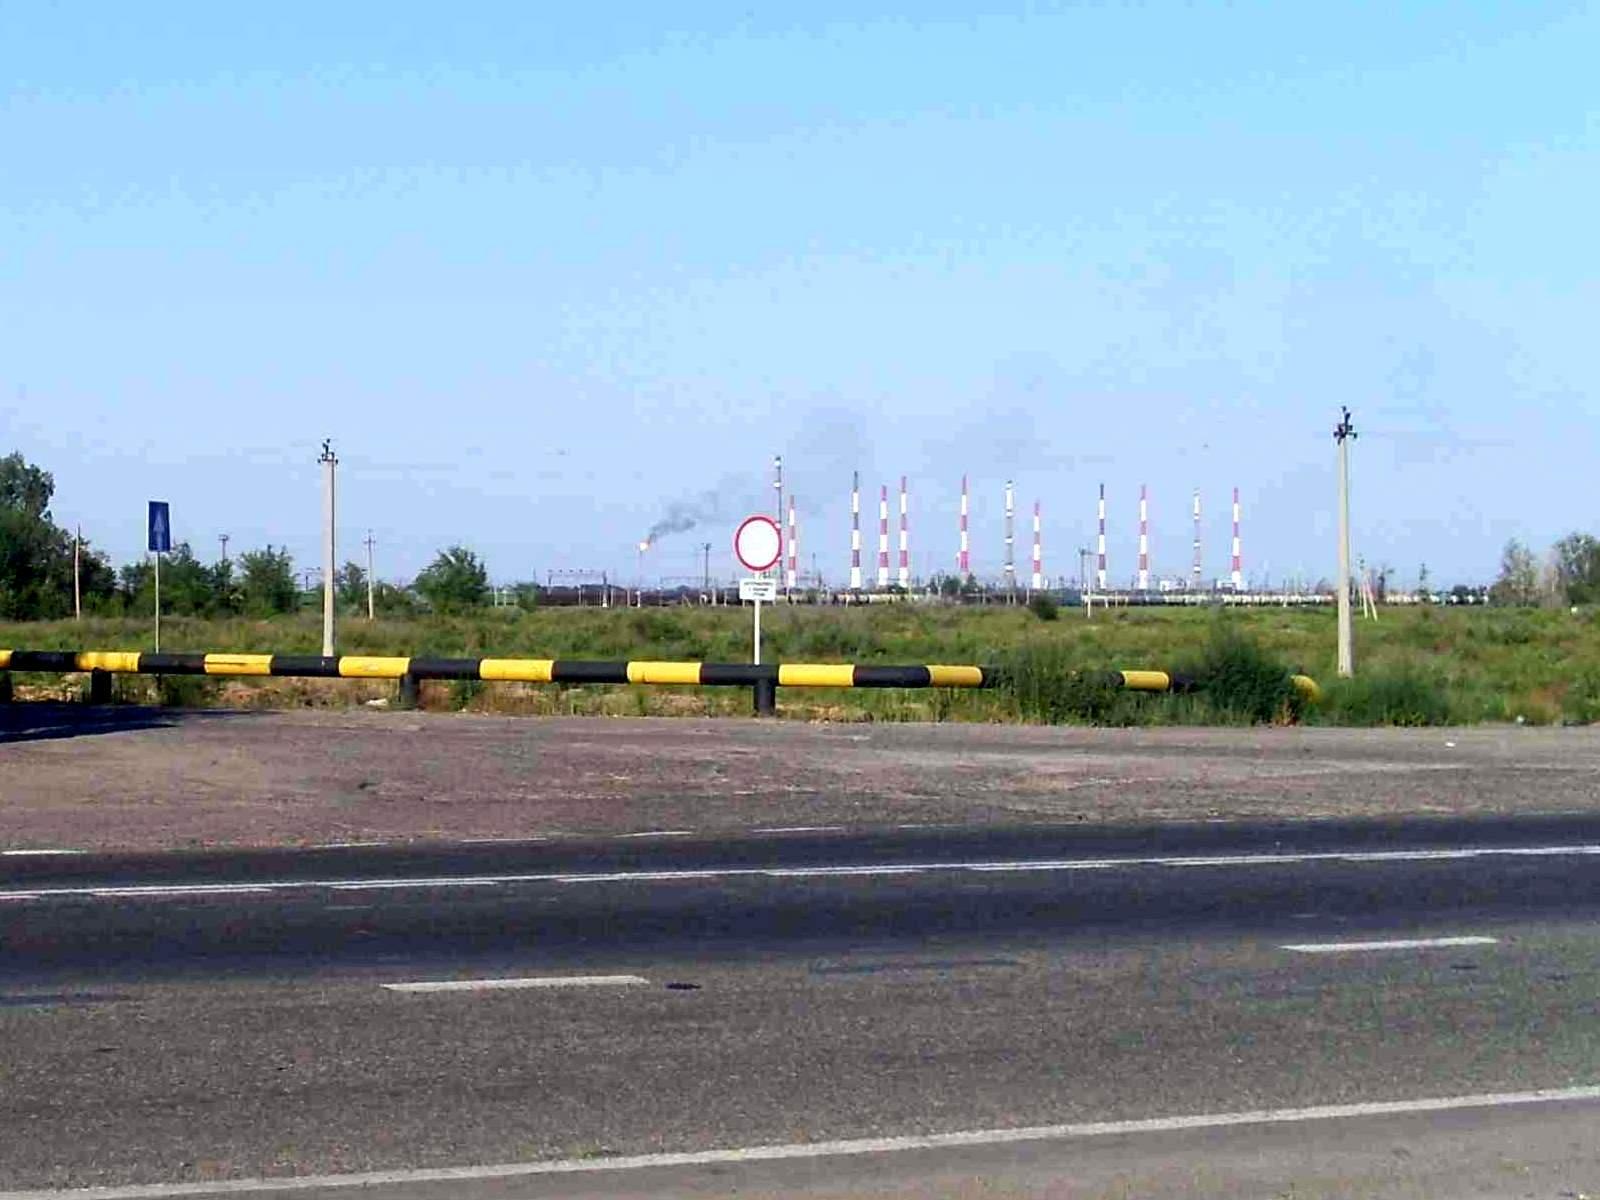 Факелы и трубы Астраханьгазпрома видны от пирамиды